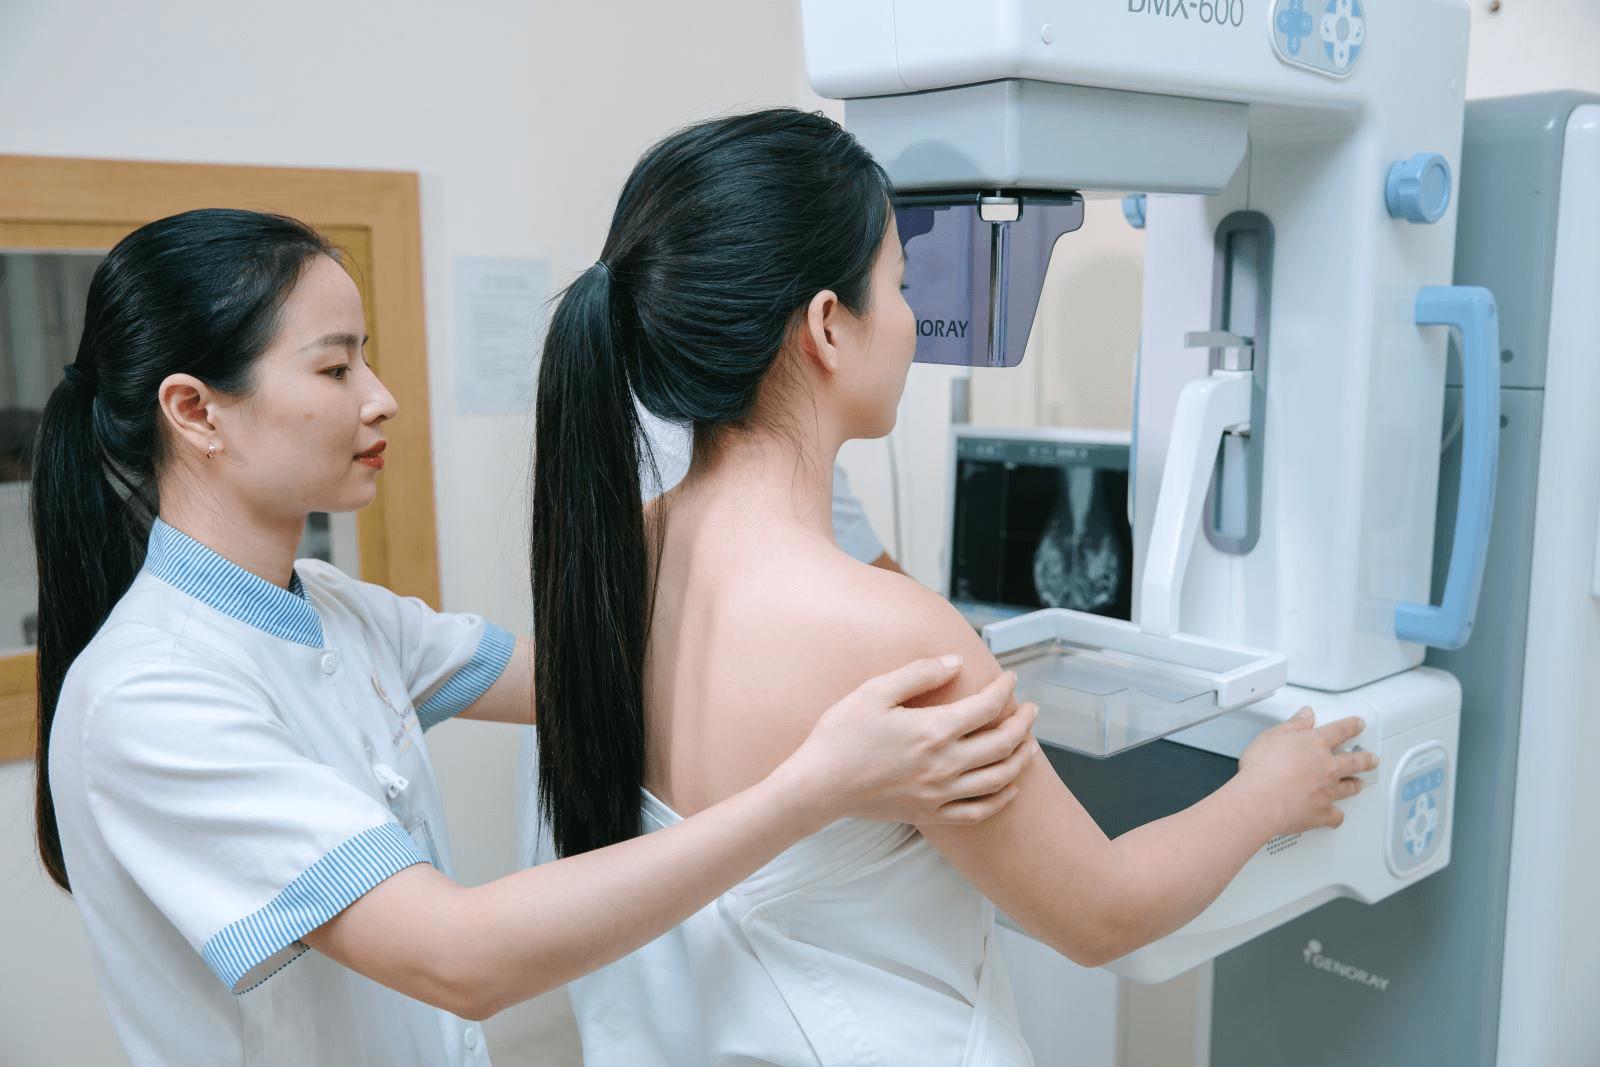 Tầm soát ung thư vú miễn phí dành cho mọi chị em